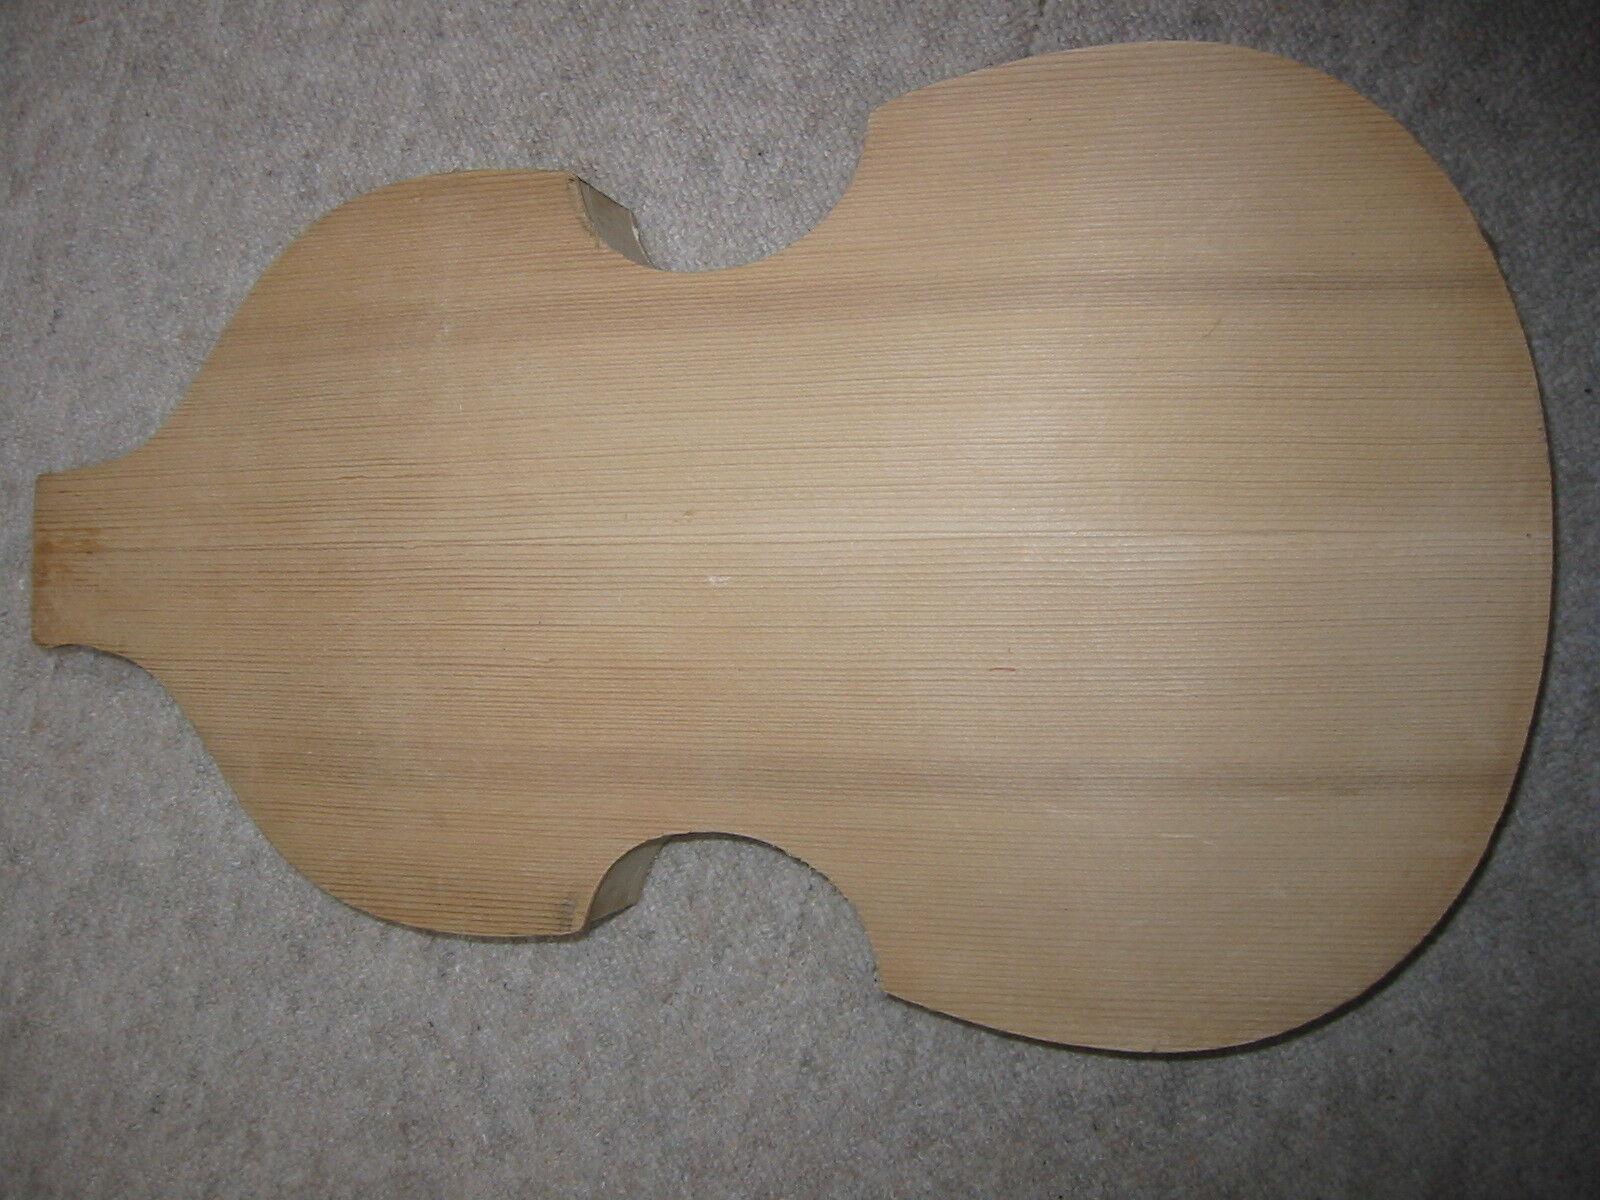 Altes Gehäuse einer Hofner Beatles Bassgitarre, Deutsch Made ca. 1960 NOS